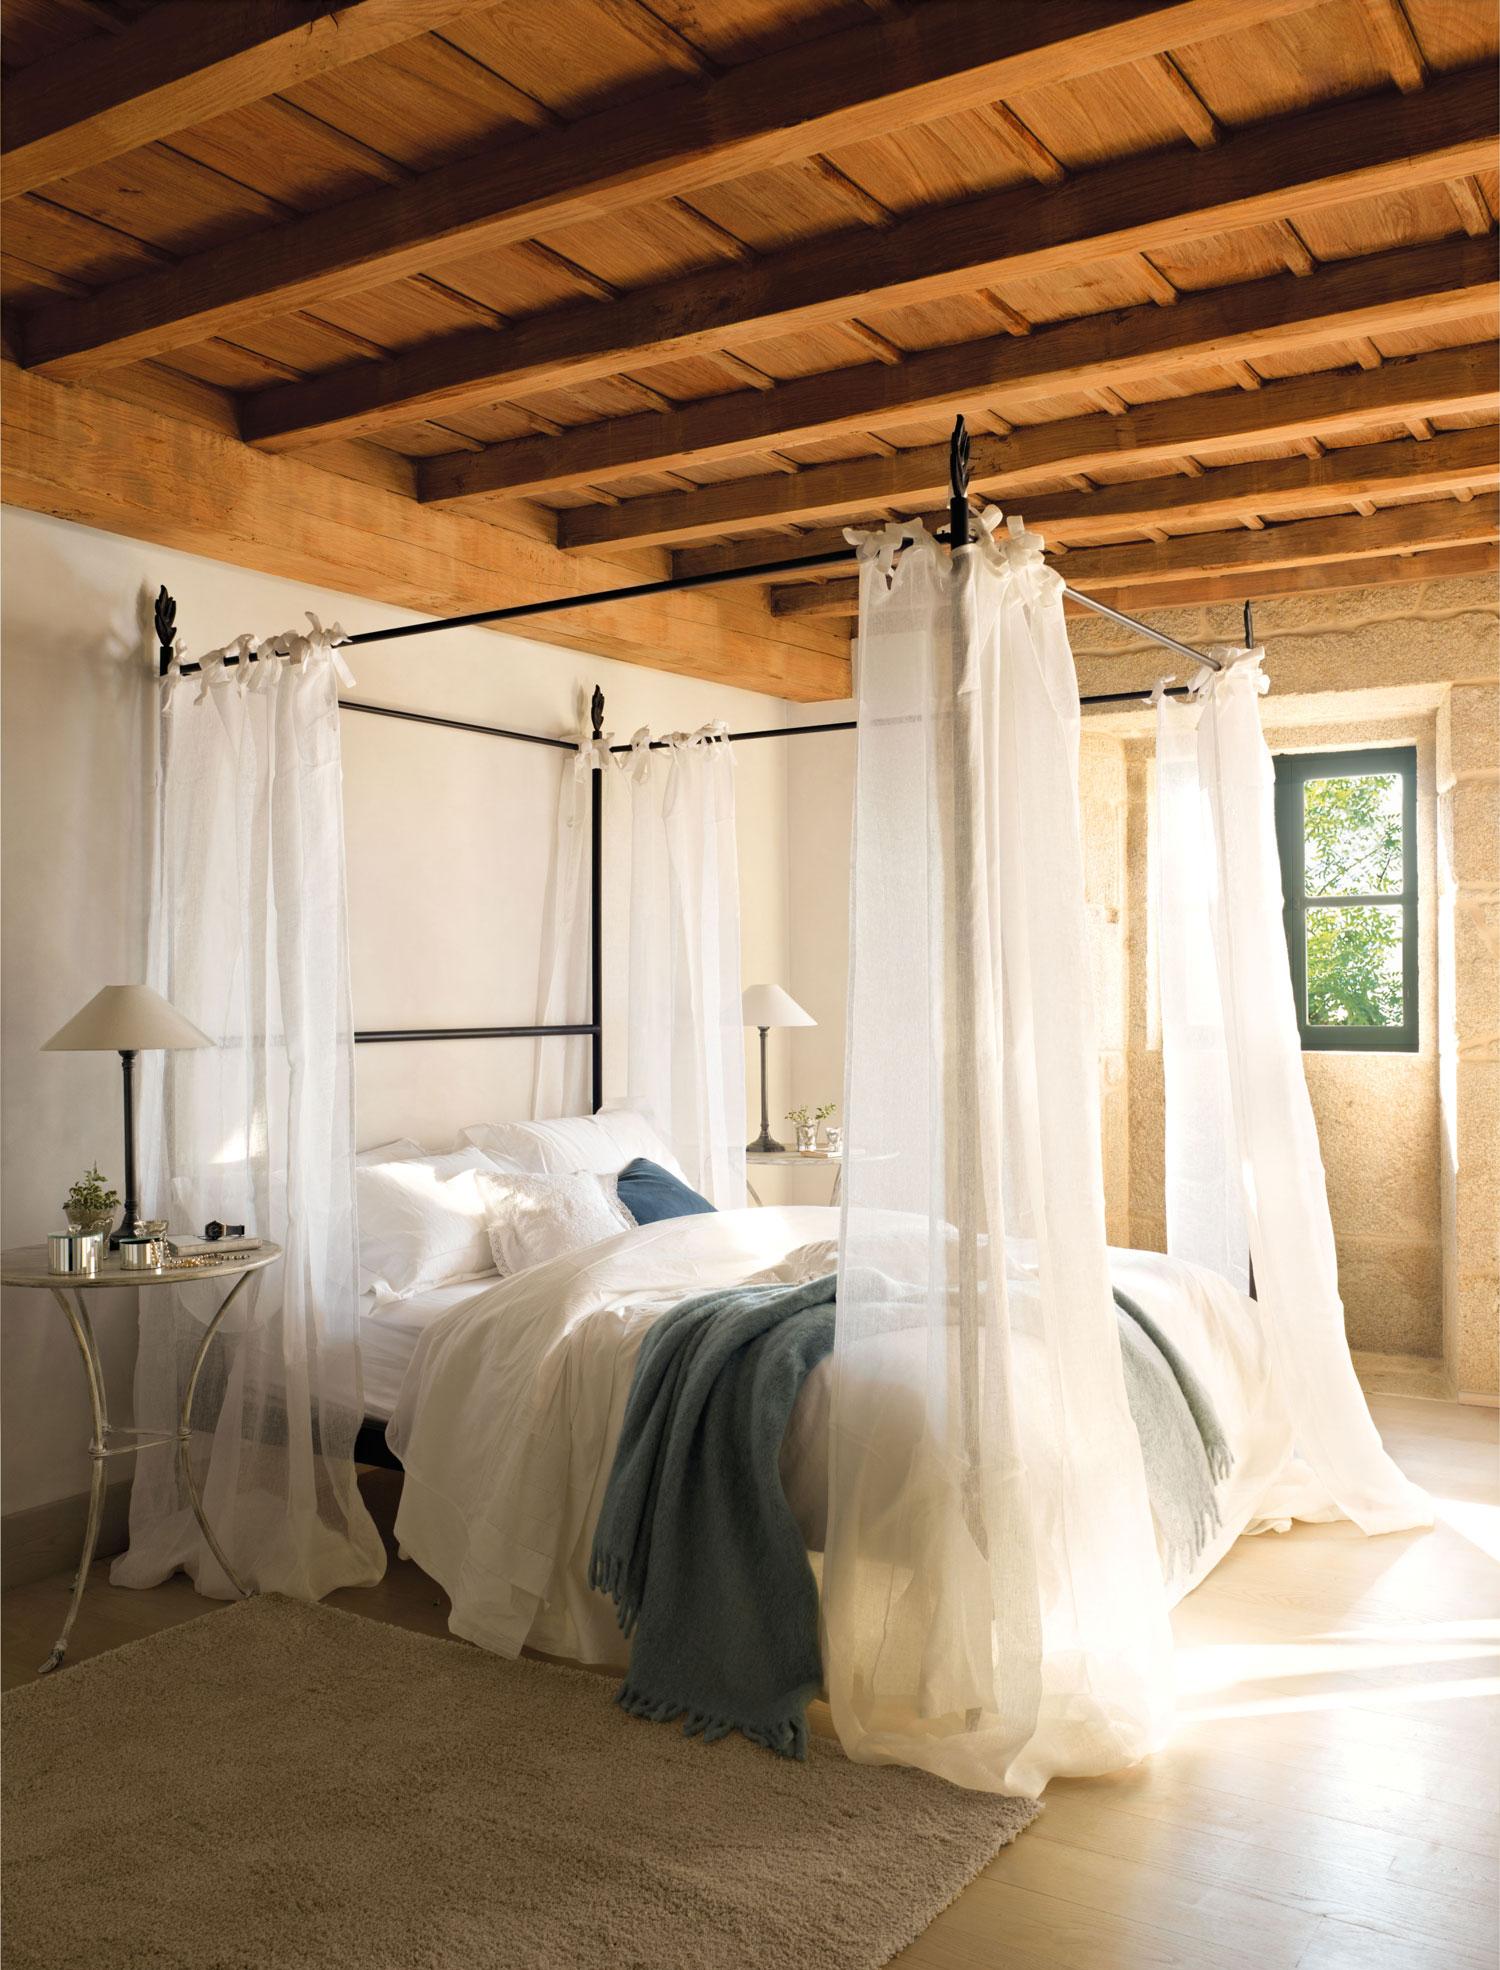 00315231. Rústico dormitorio con vigas de madera, cama con dosel y ropa de cama en azul y blanco_00315231